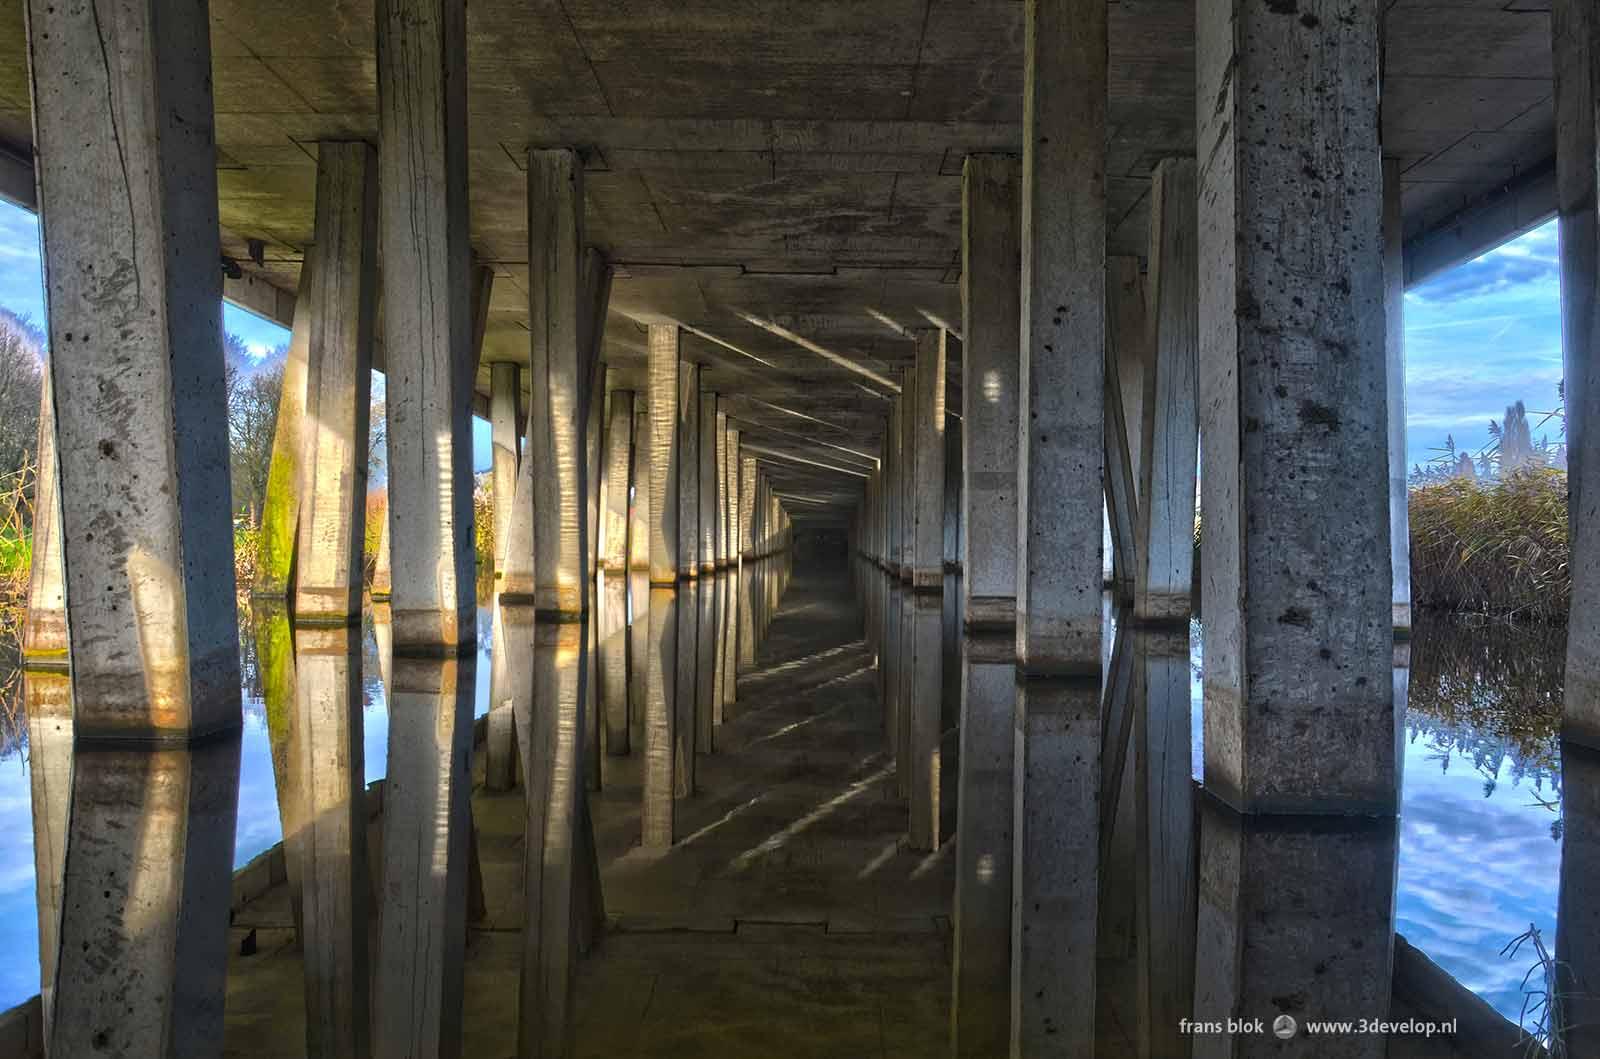 Drie foto's van het spoorwegviaduct bij Blijdorp in Rotterdam, samengevoegd tot een HDR-beeld in Photoshop